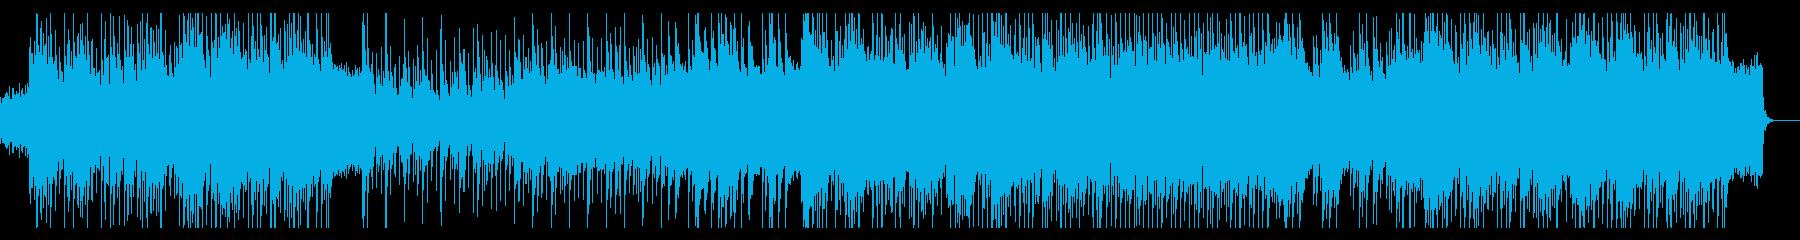 ニュース・情報番組、清涼ピアノポップスLの再生済みの波形